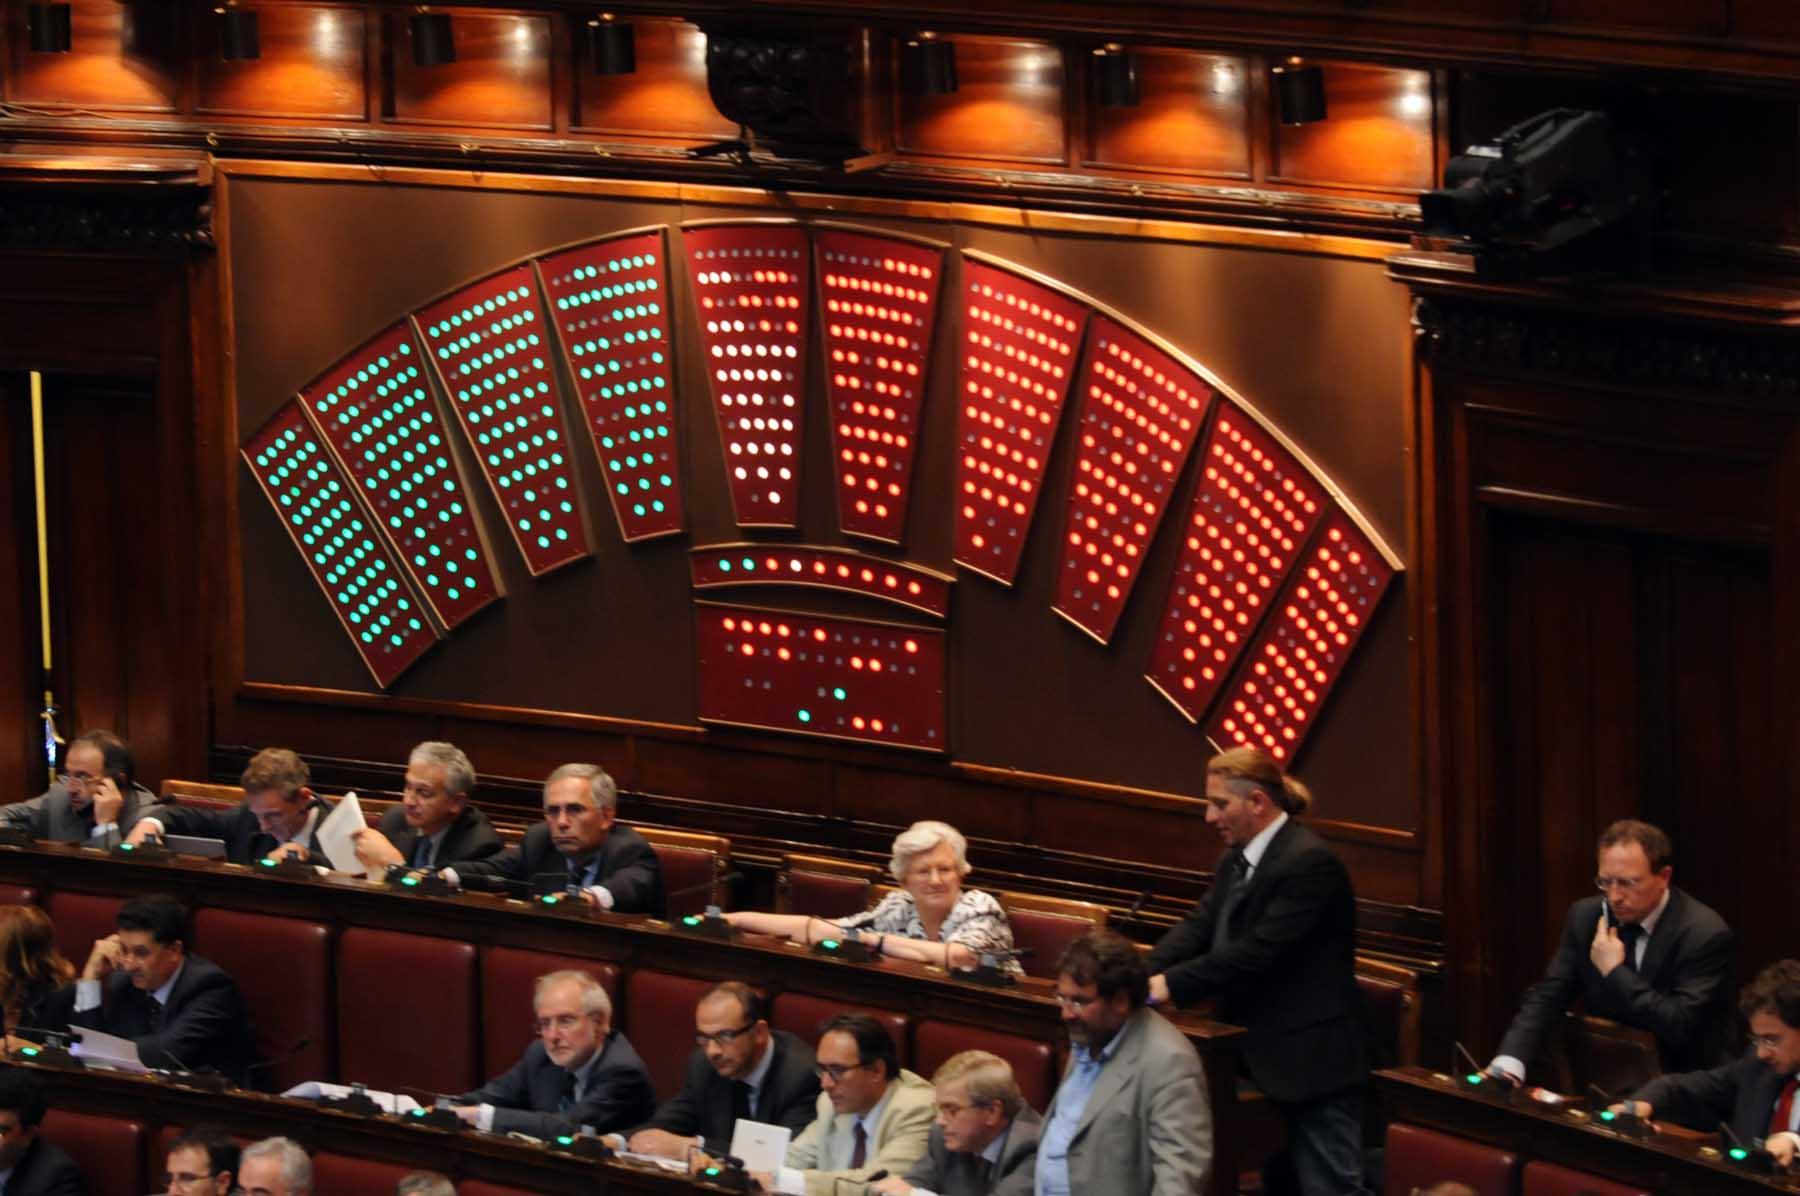 Camera stop ai pianisti arriva il voto digitale for Sistema elettorale camera dei deputati